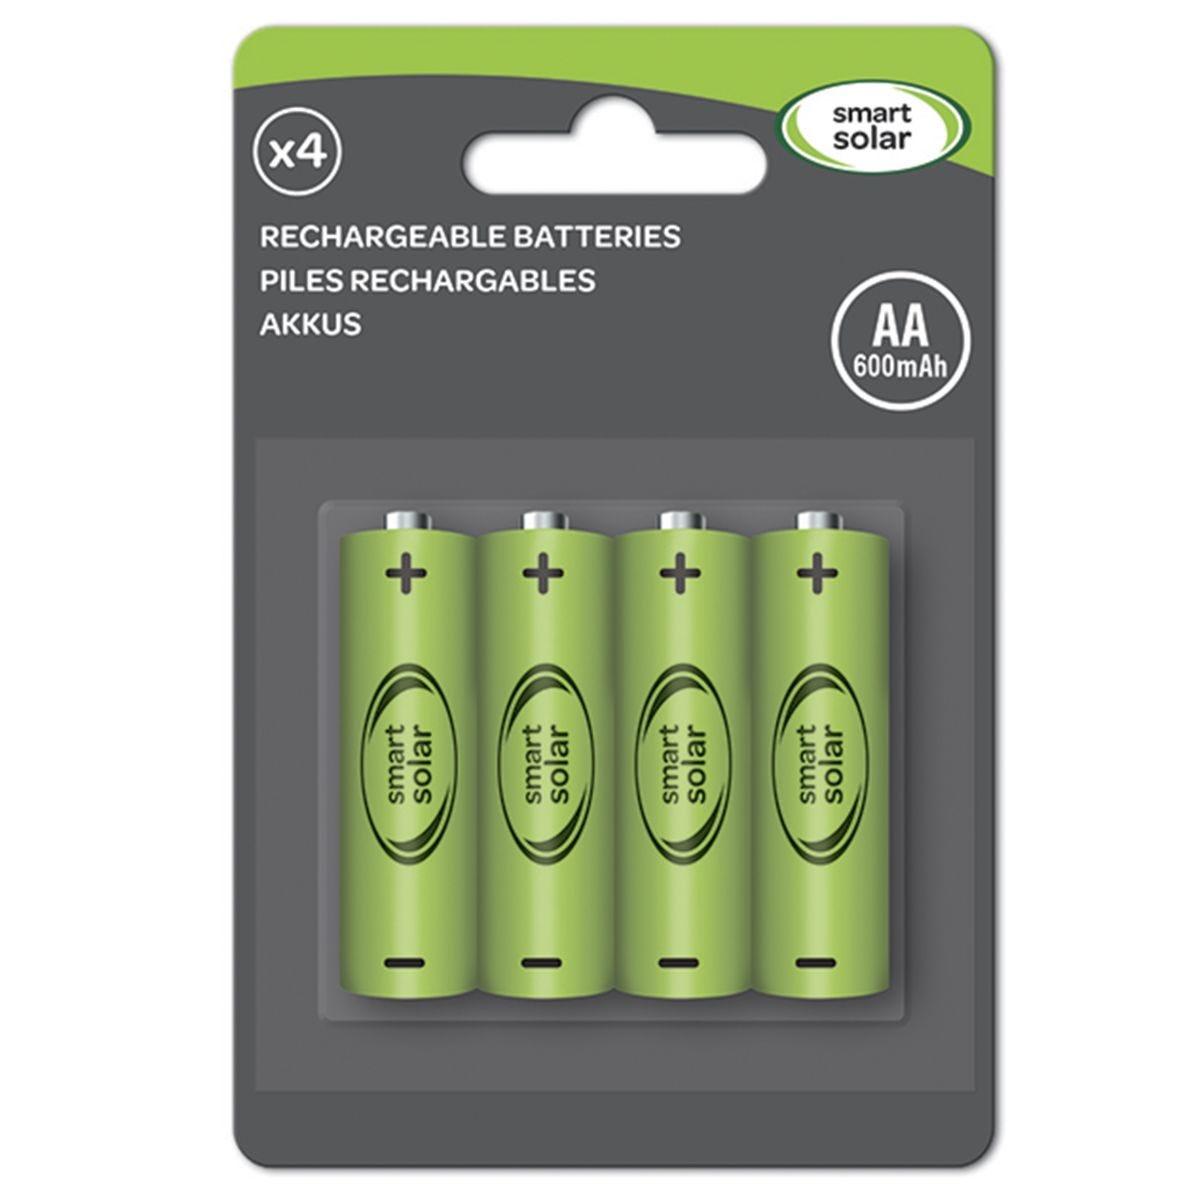 Smart Garden Solar Light AA Batteries - 600mAh